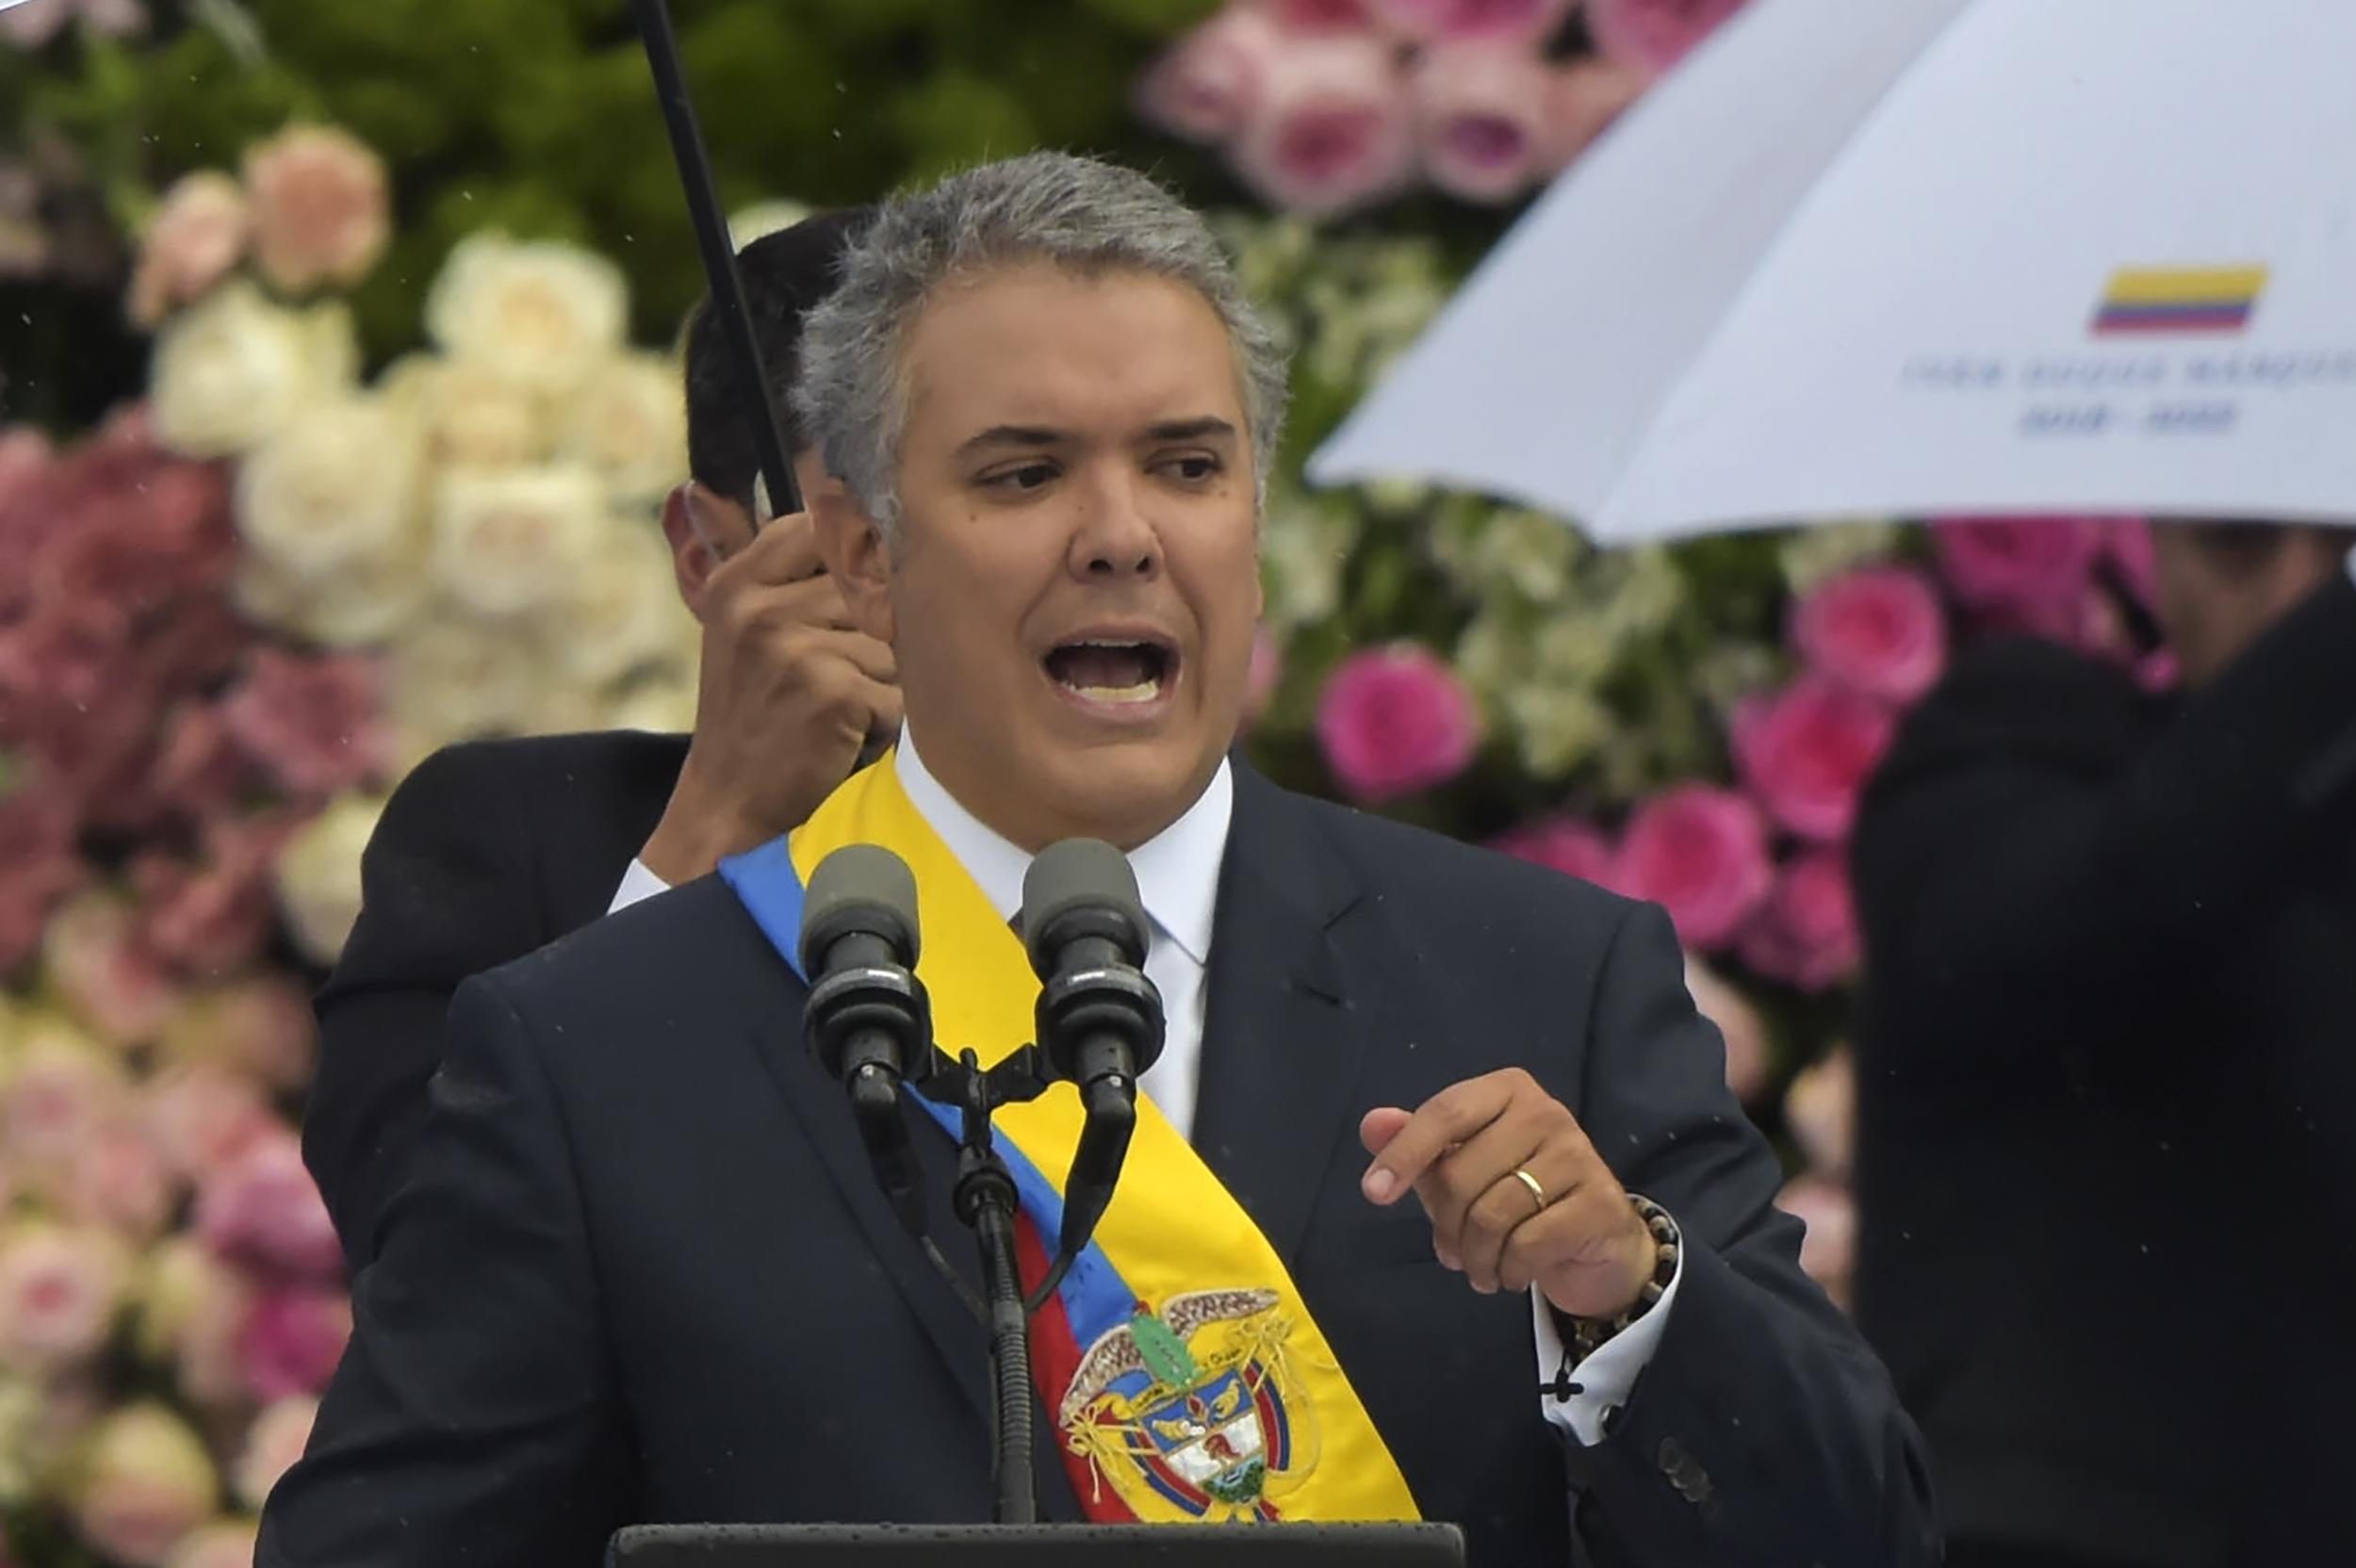 إيفان دوكى الرئيس الكولومبى